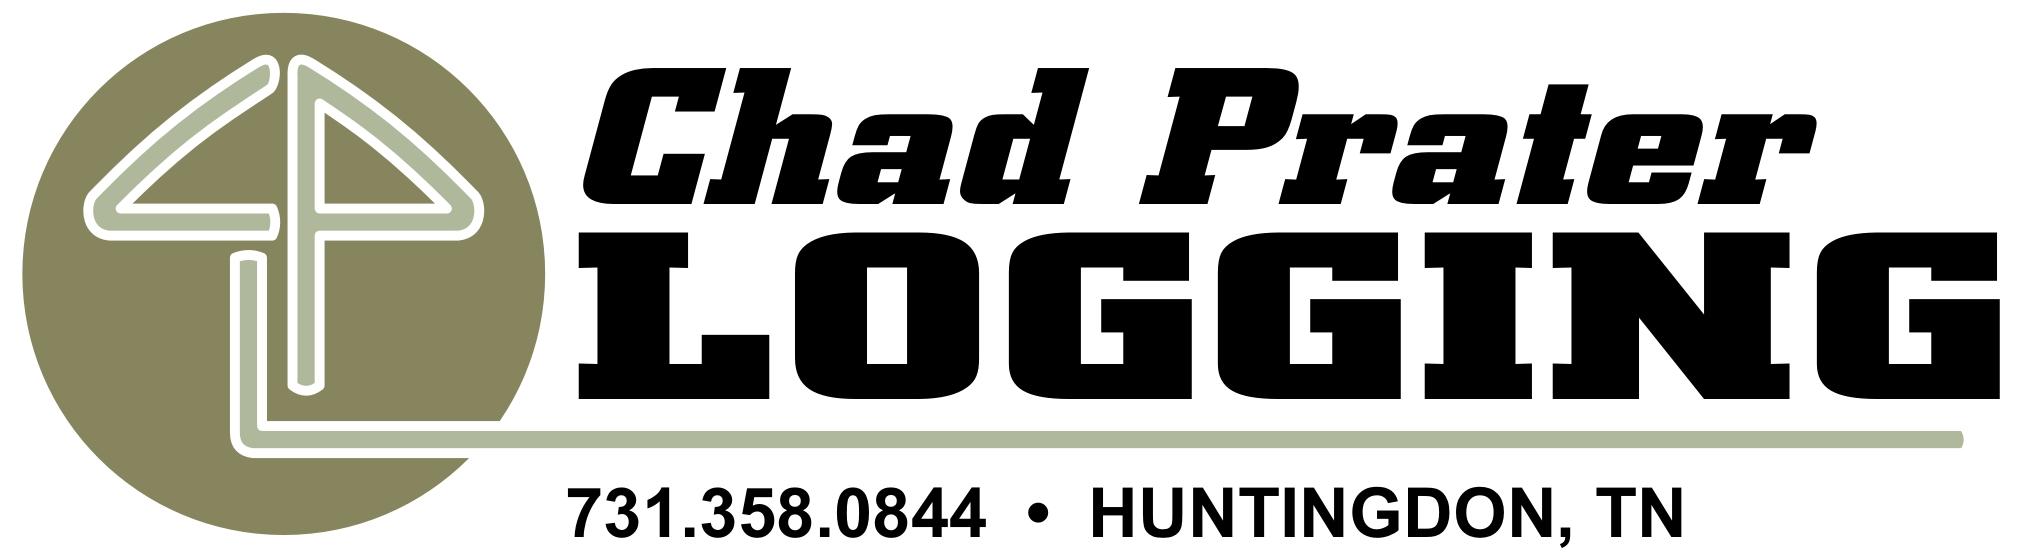 logo design prater logging by elliott design